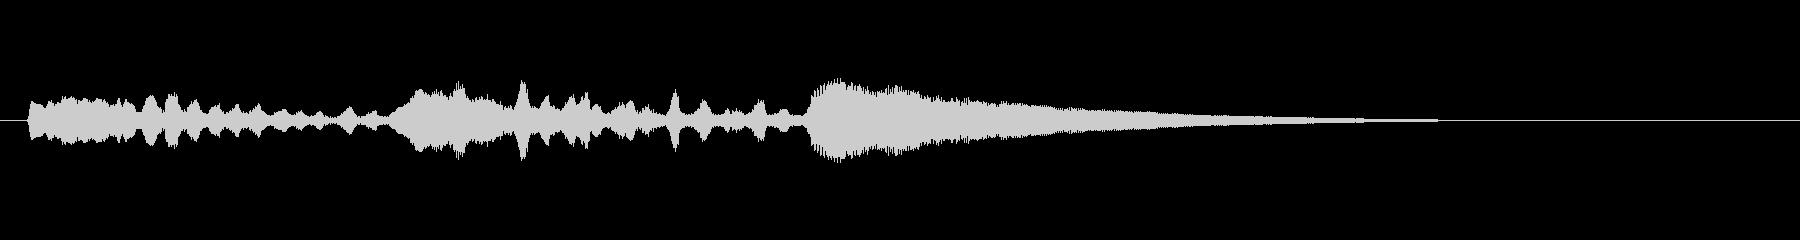 テーマ15A:WOODWINDSの未再生の波形